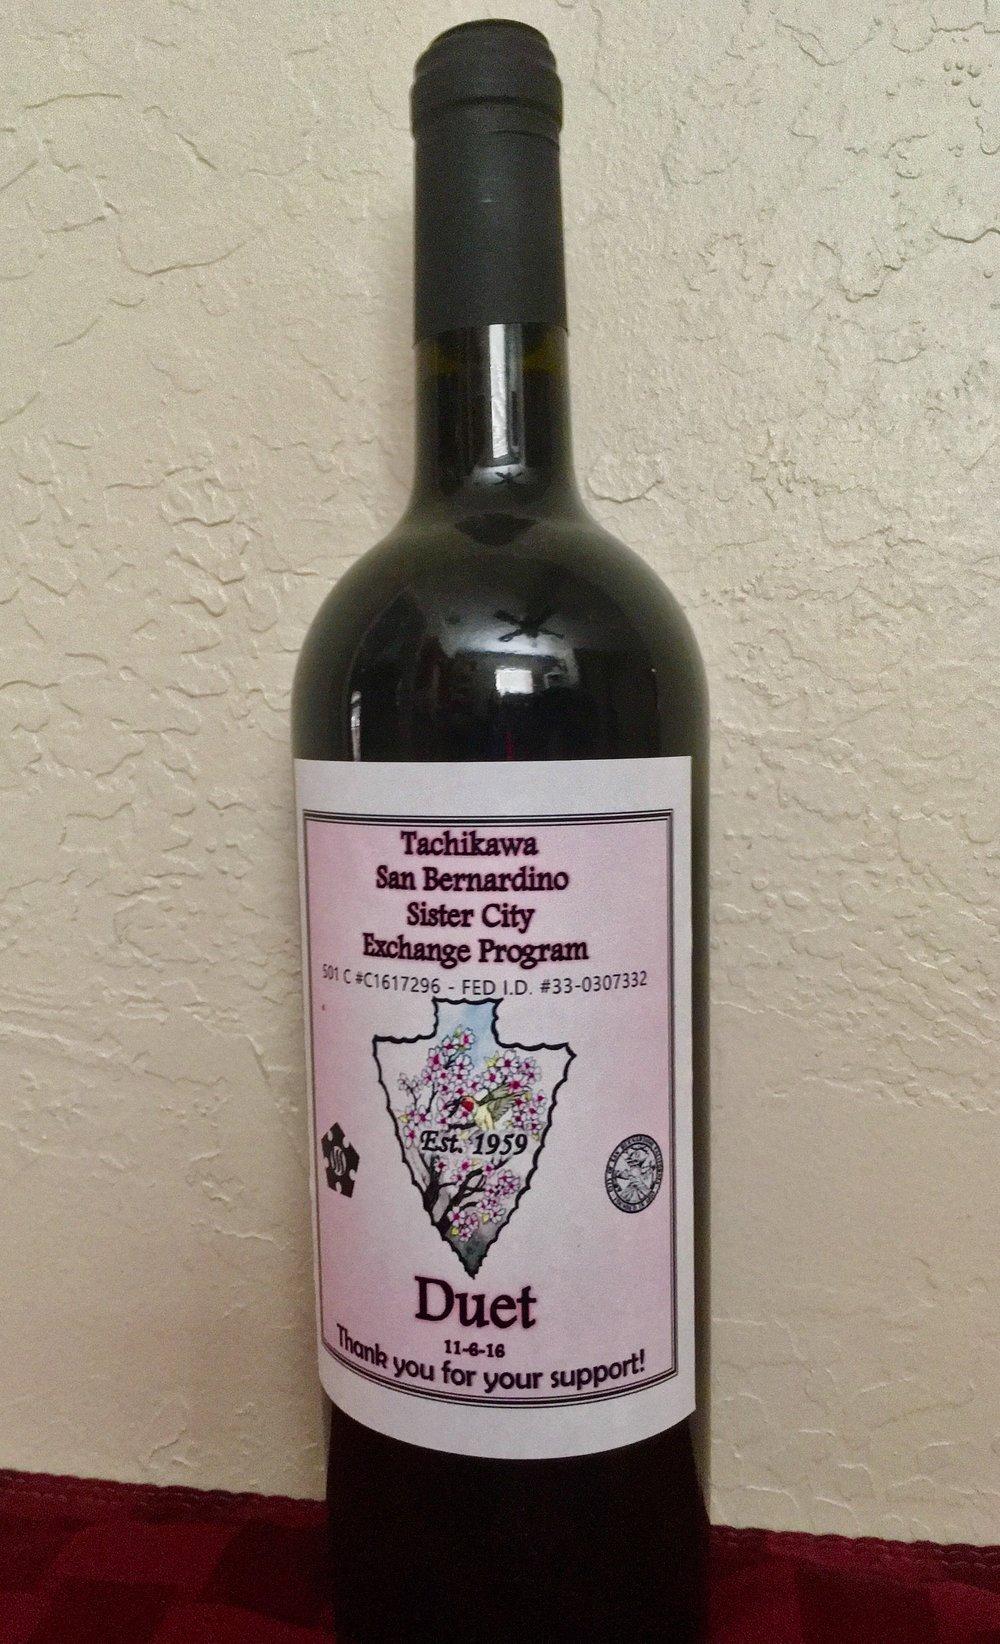 Wine Bottle from last years Wine Tasting